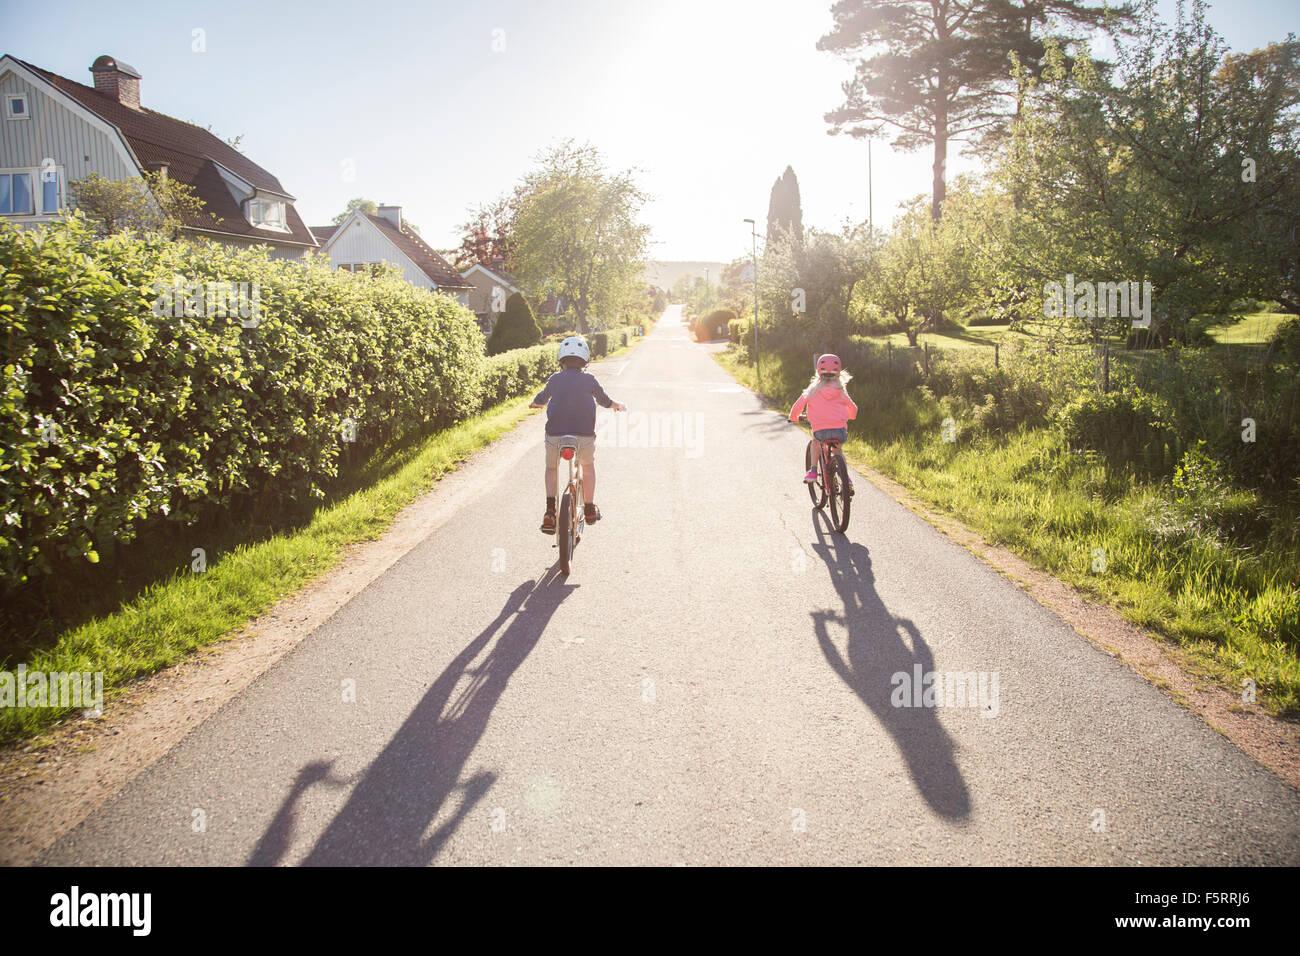 Schweden, Vastergotland, Lerum, Kinder (10-11, 12-13) in sonniger Tag Radfahren Stockbild